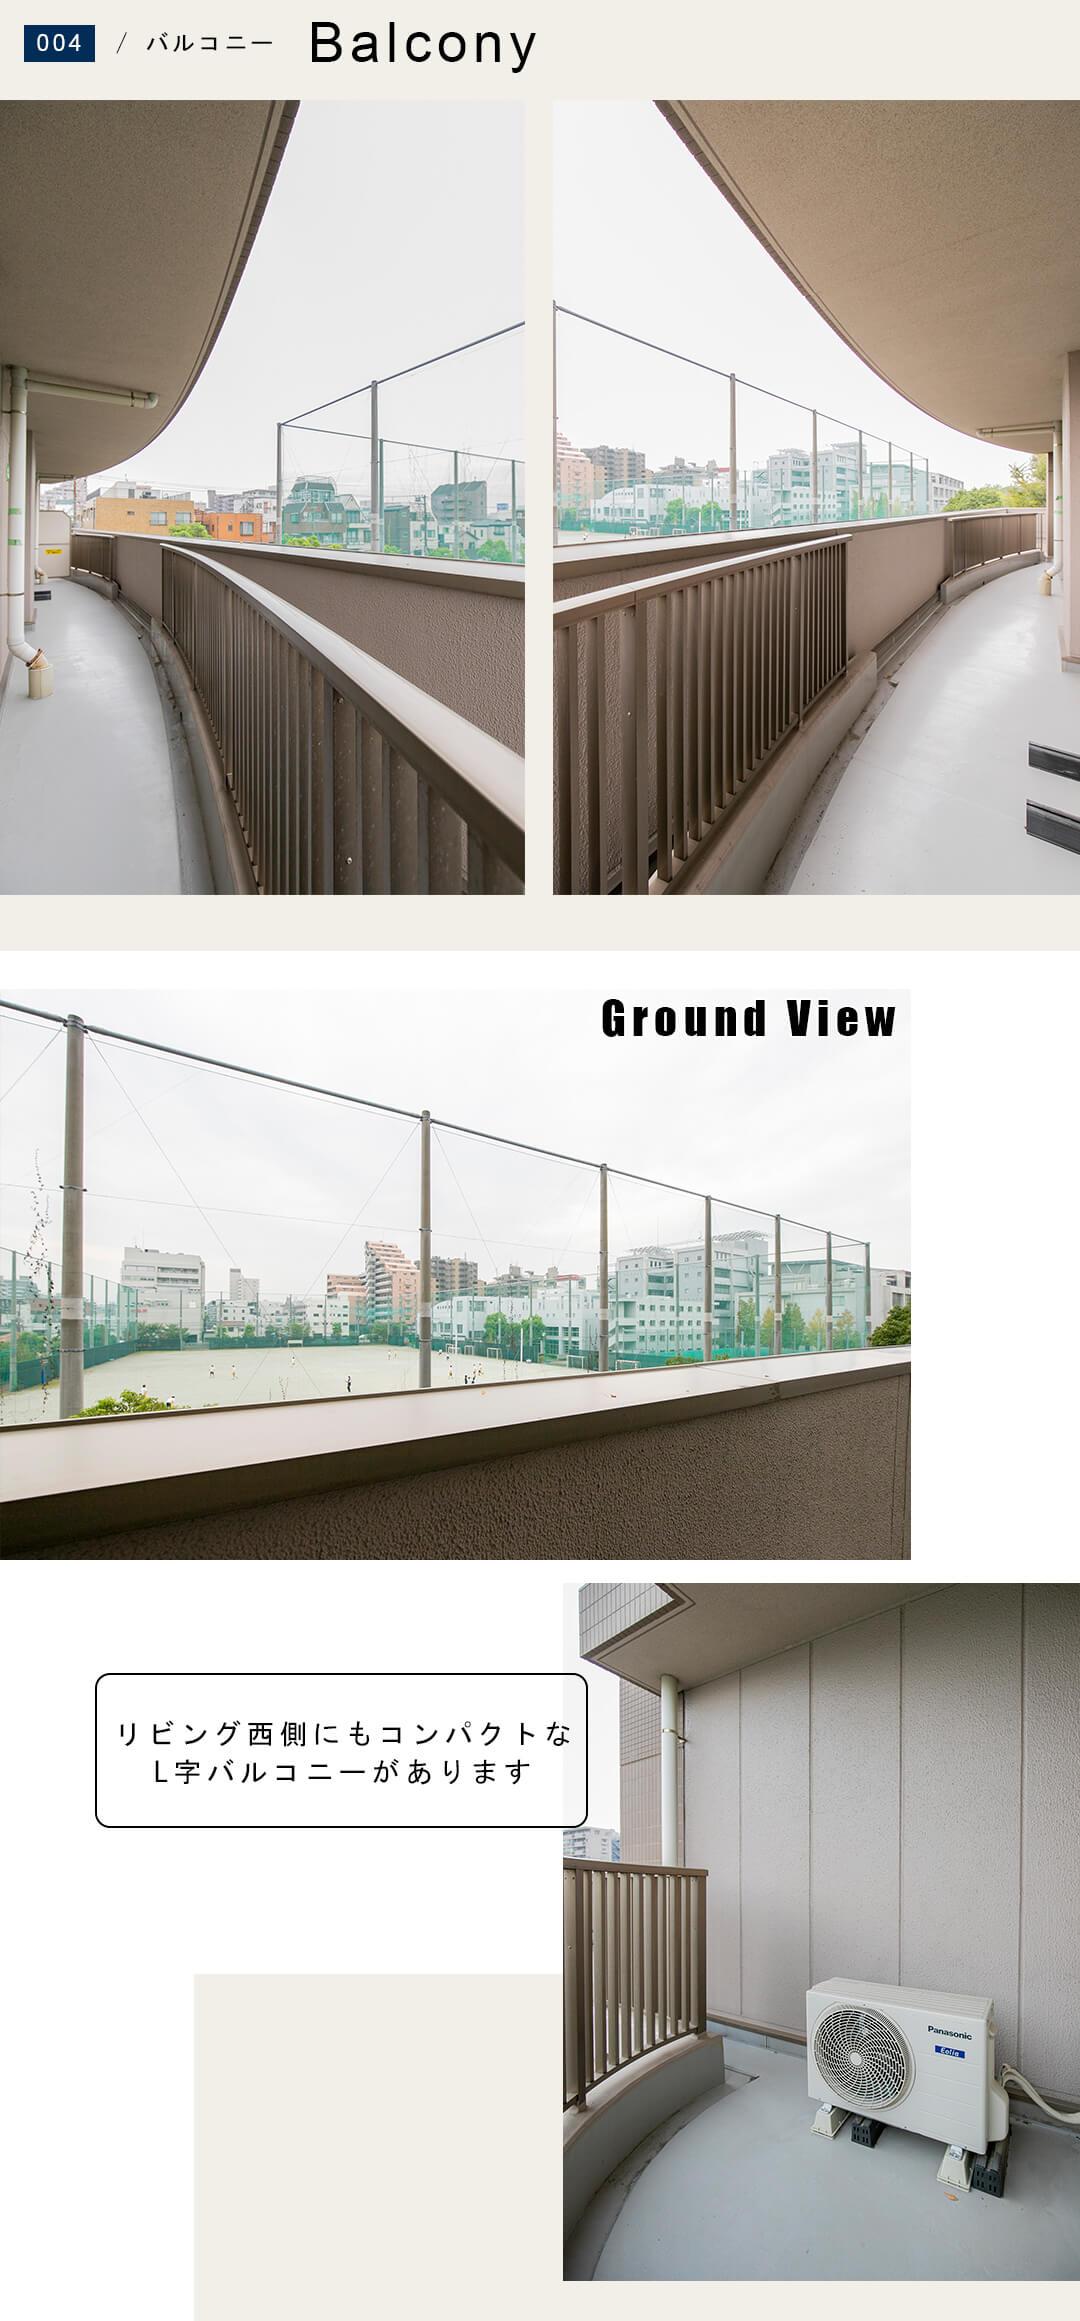 ザ・ガーデンタワーズサンライズタワーのバルコニー